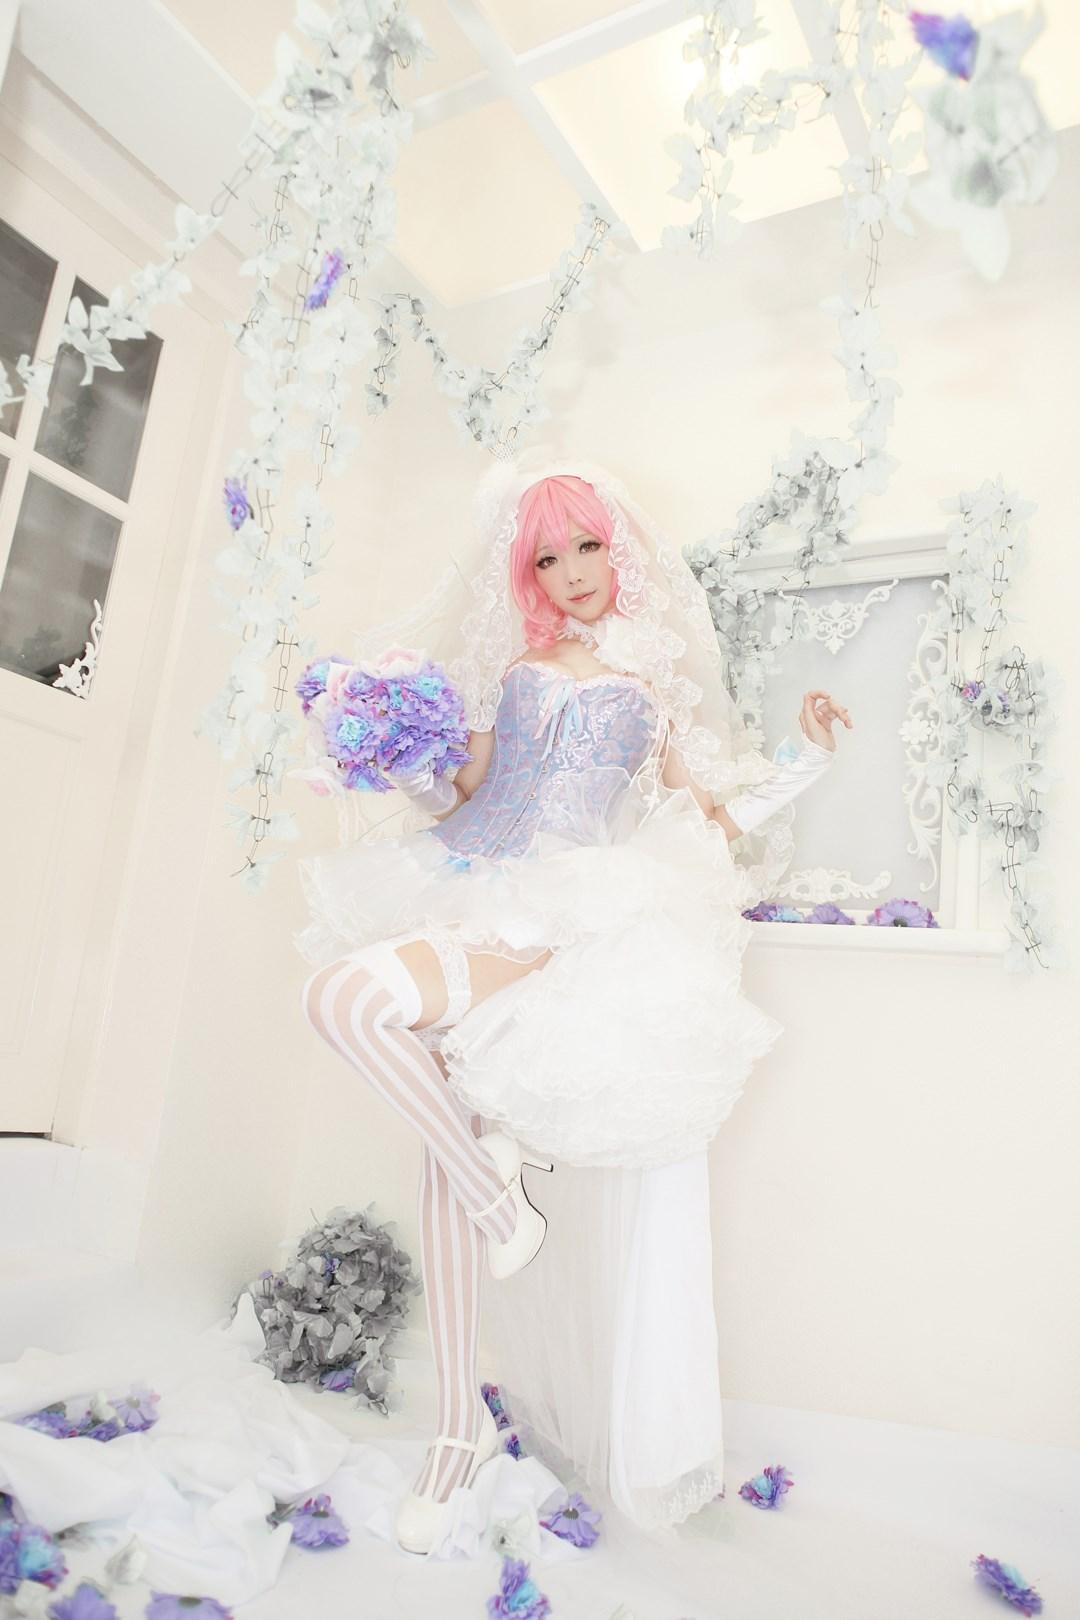 【兔玩映画】幽幽子 兔玩映画 第58张